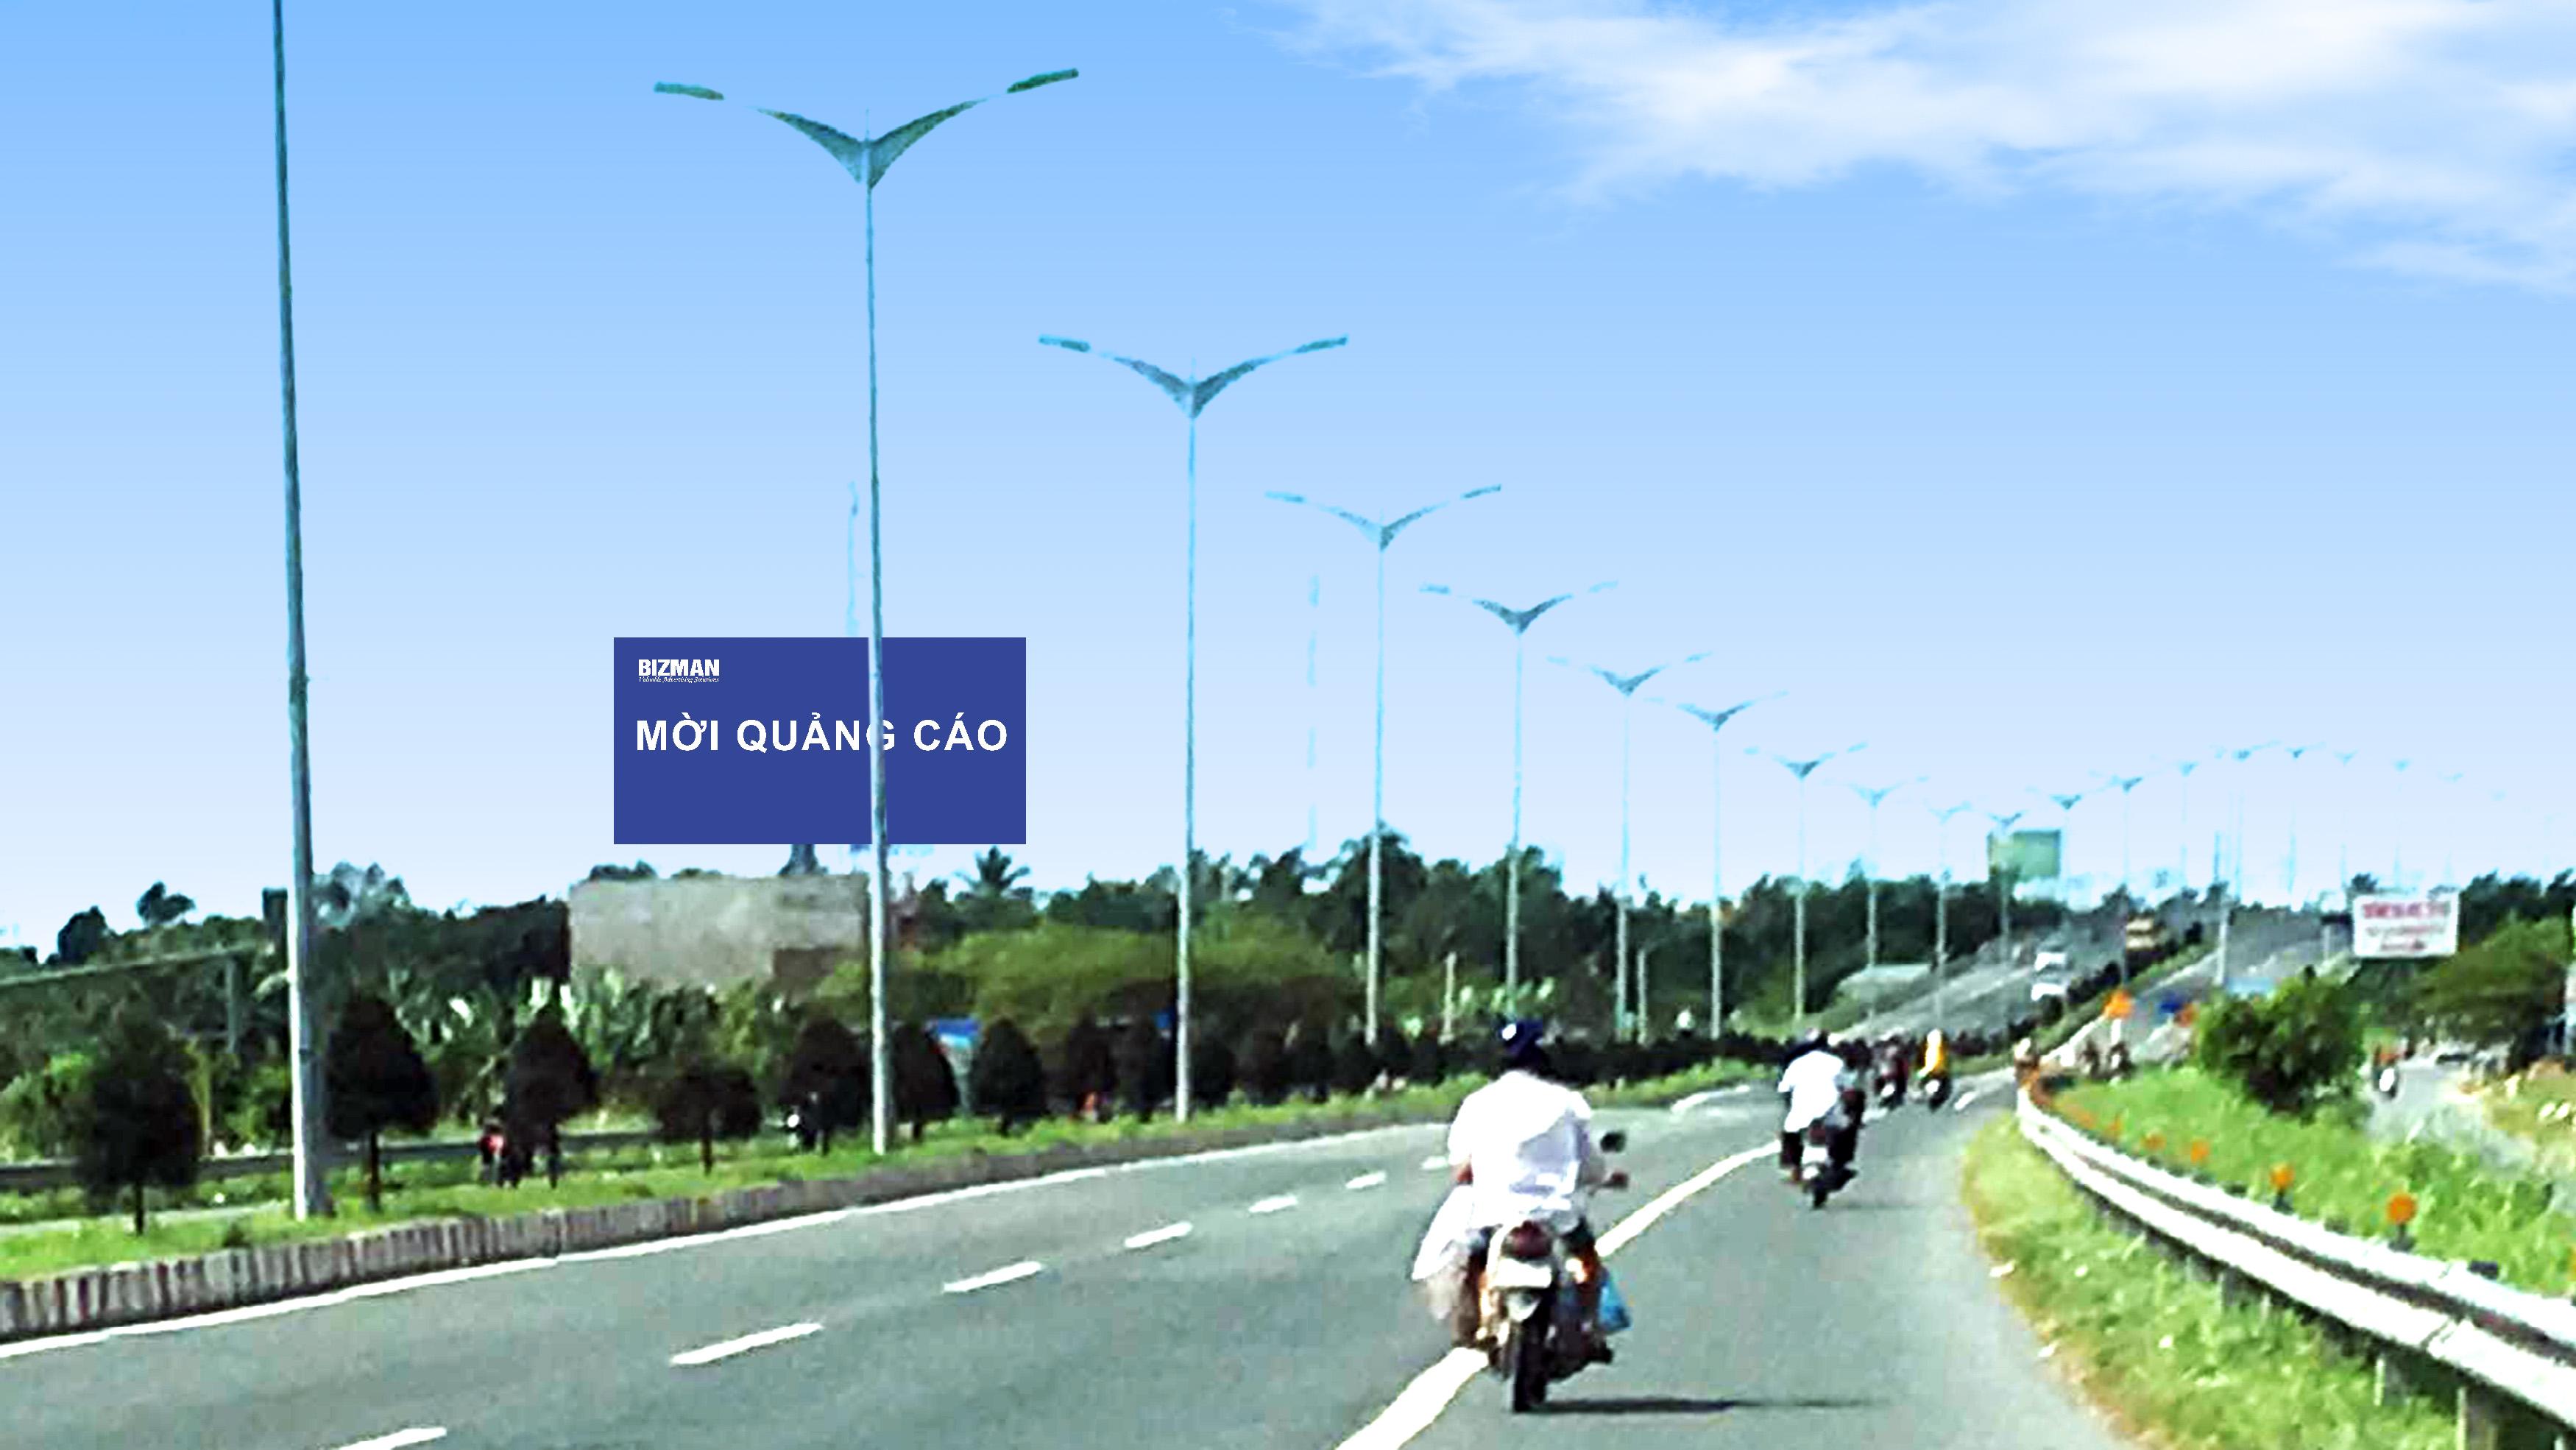 Vị trí CCT54 (Bên phải): Nằm trên tuyến QL1A, đoạn Vĩnh Long - Cần Thơ, tỉnh Cần Thơ